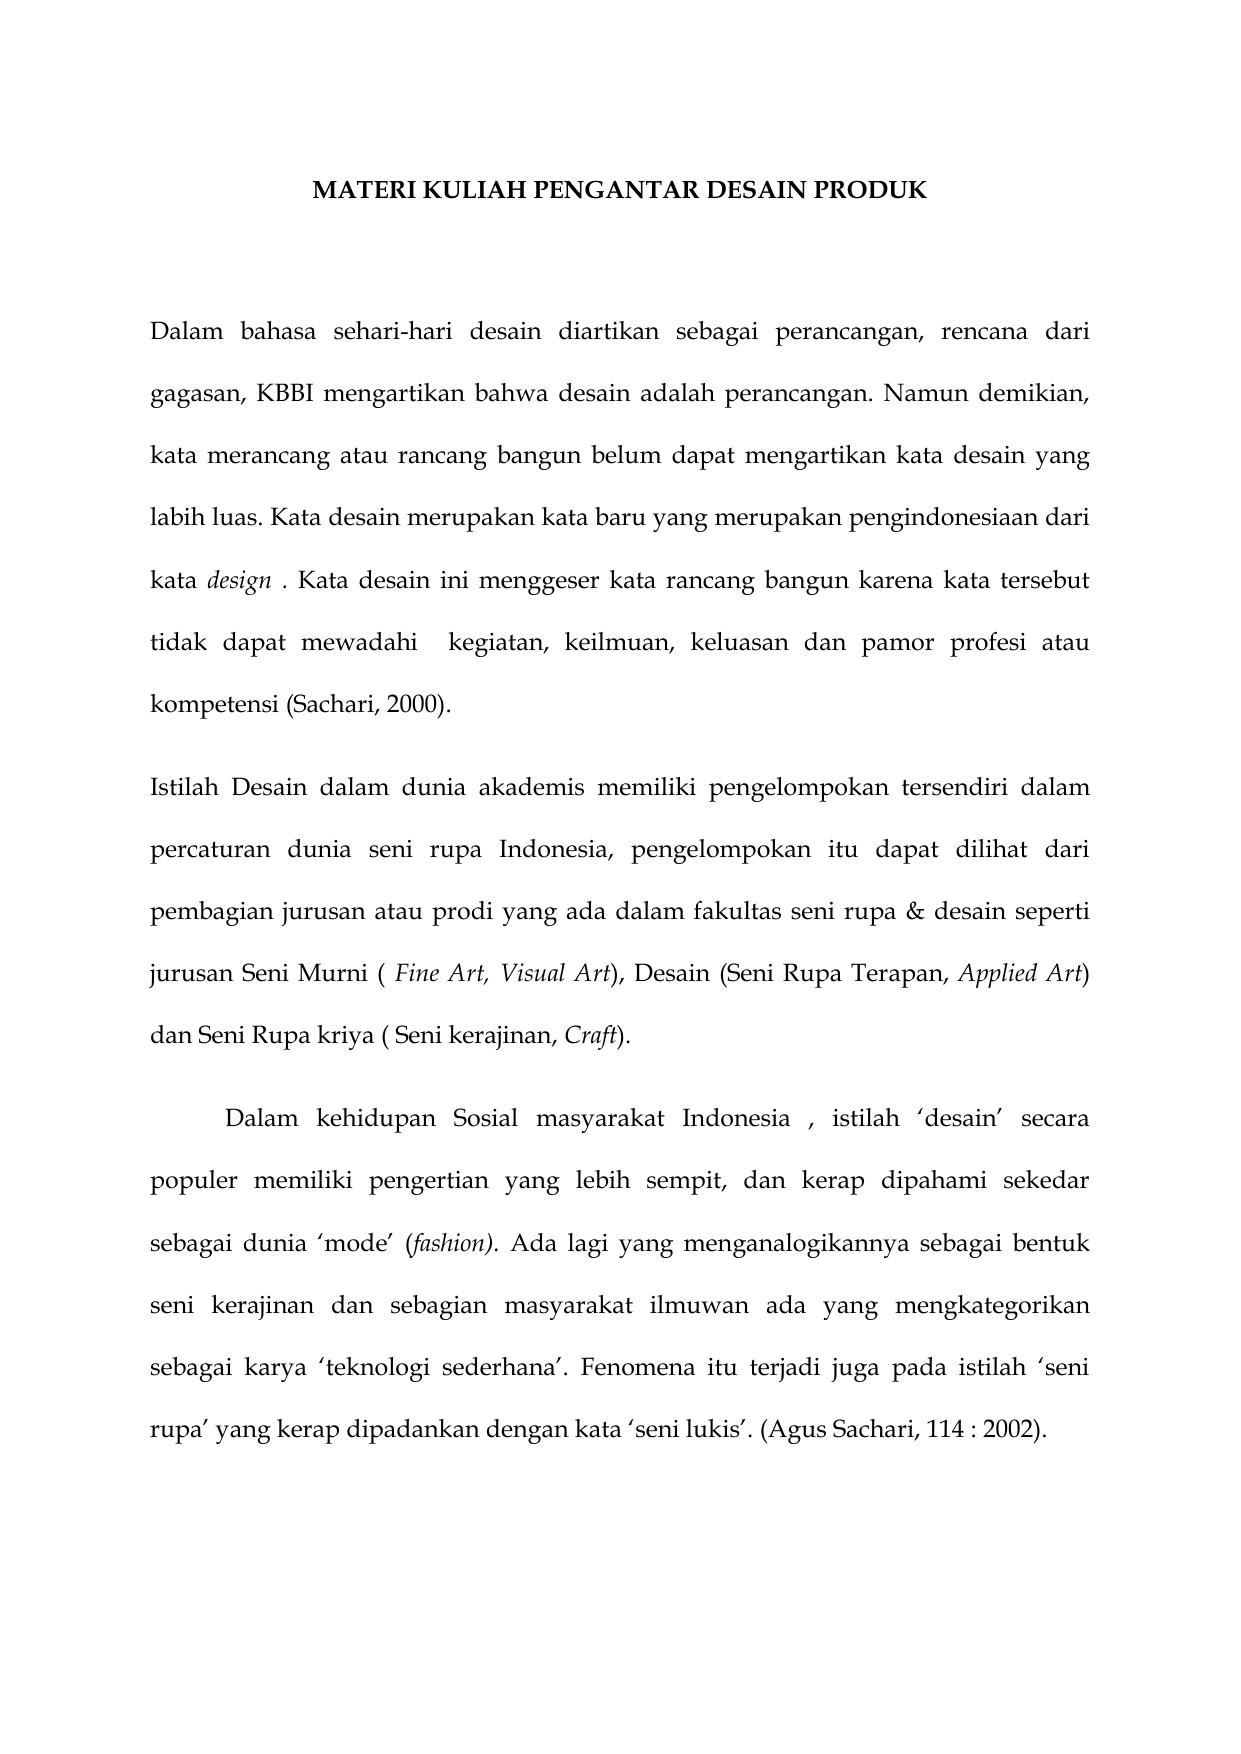 560 Koleksi Foto Desain Adalah Kbbi HD Paling Keren Unduh Gratis